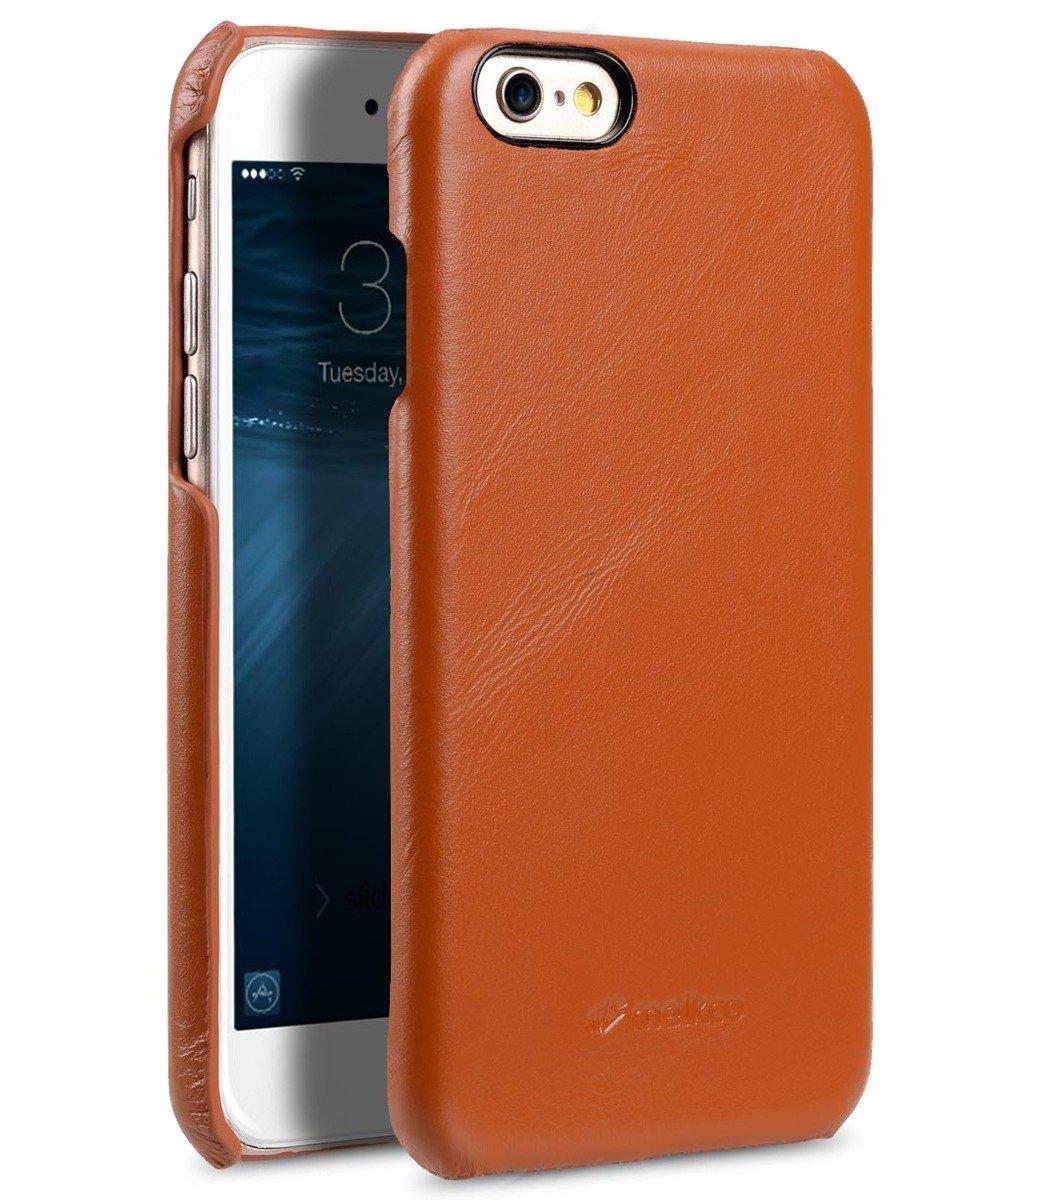 Apple iPhone 6s Plus/6 Plus高級真皮手機背殼套-瘋馬啡色